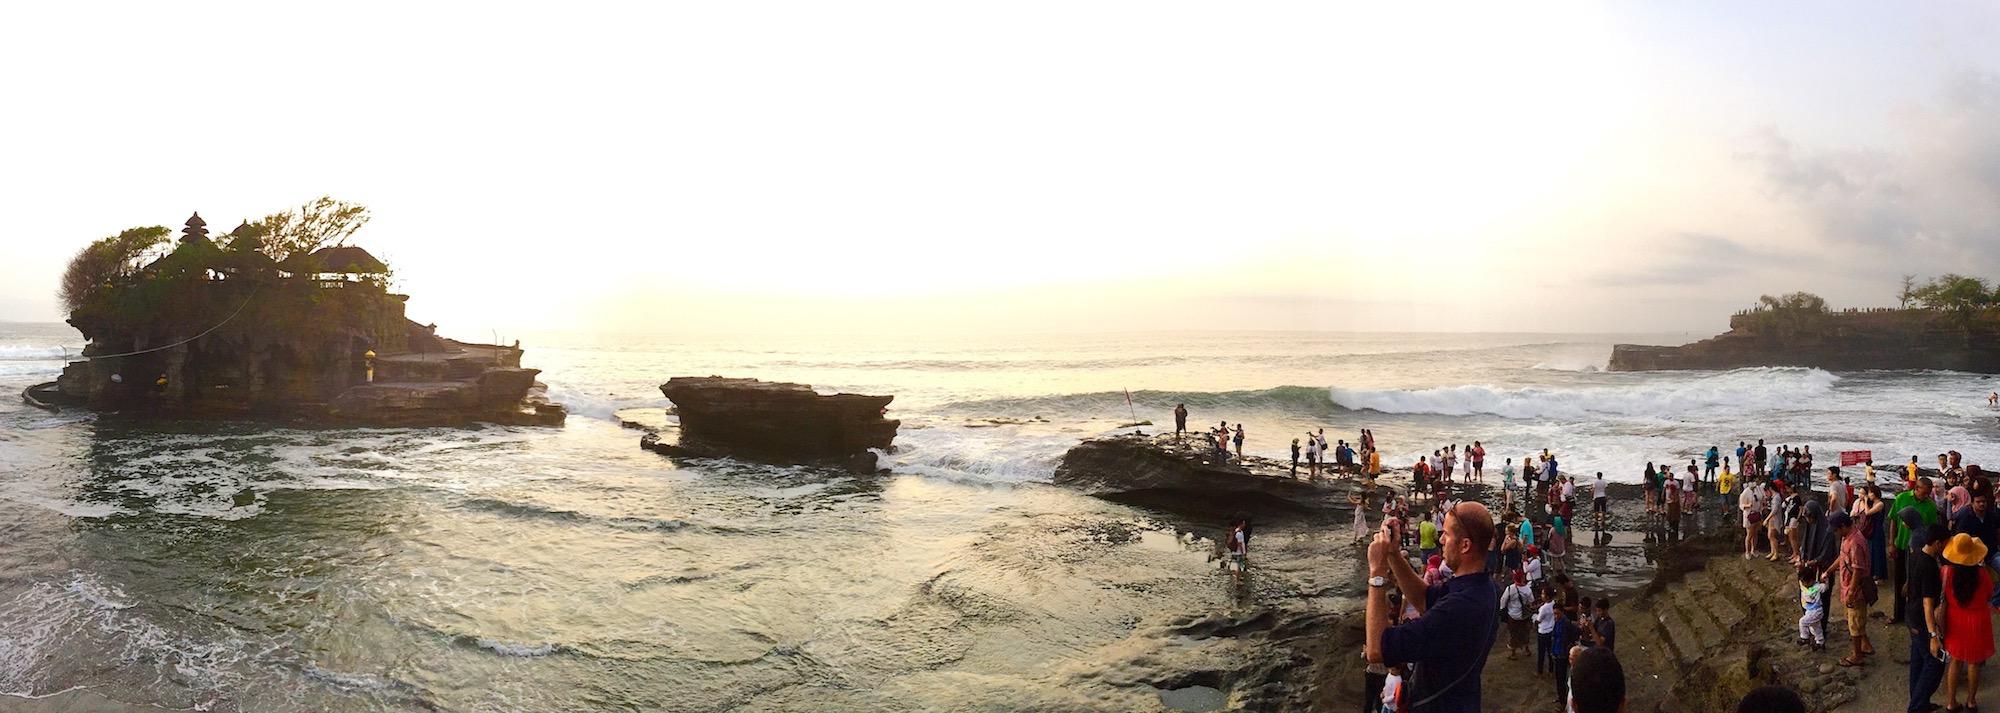 Tanah Lot, Bali. Photo: Patti